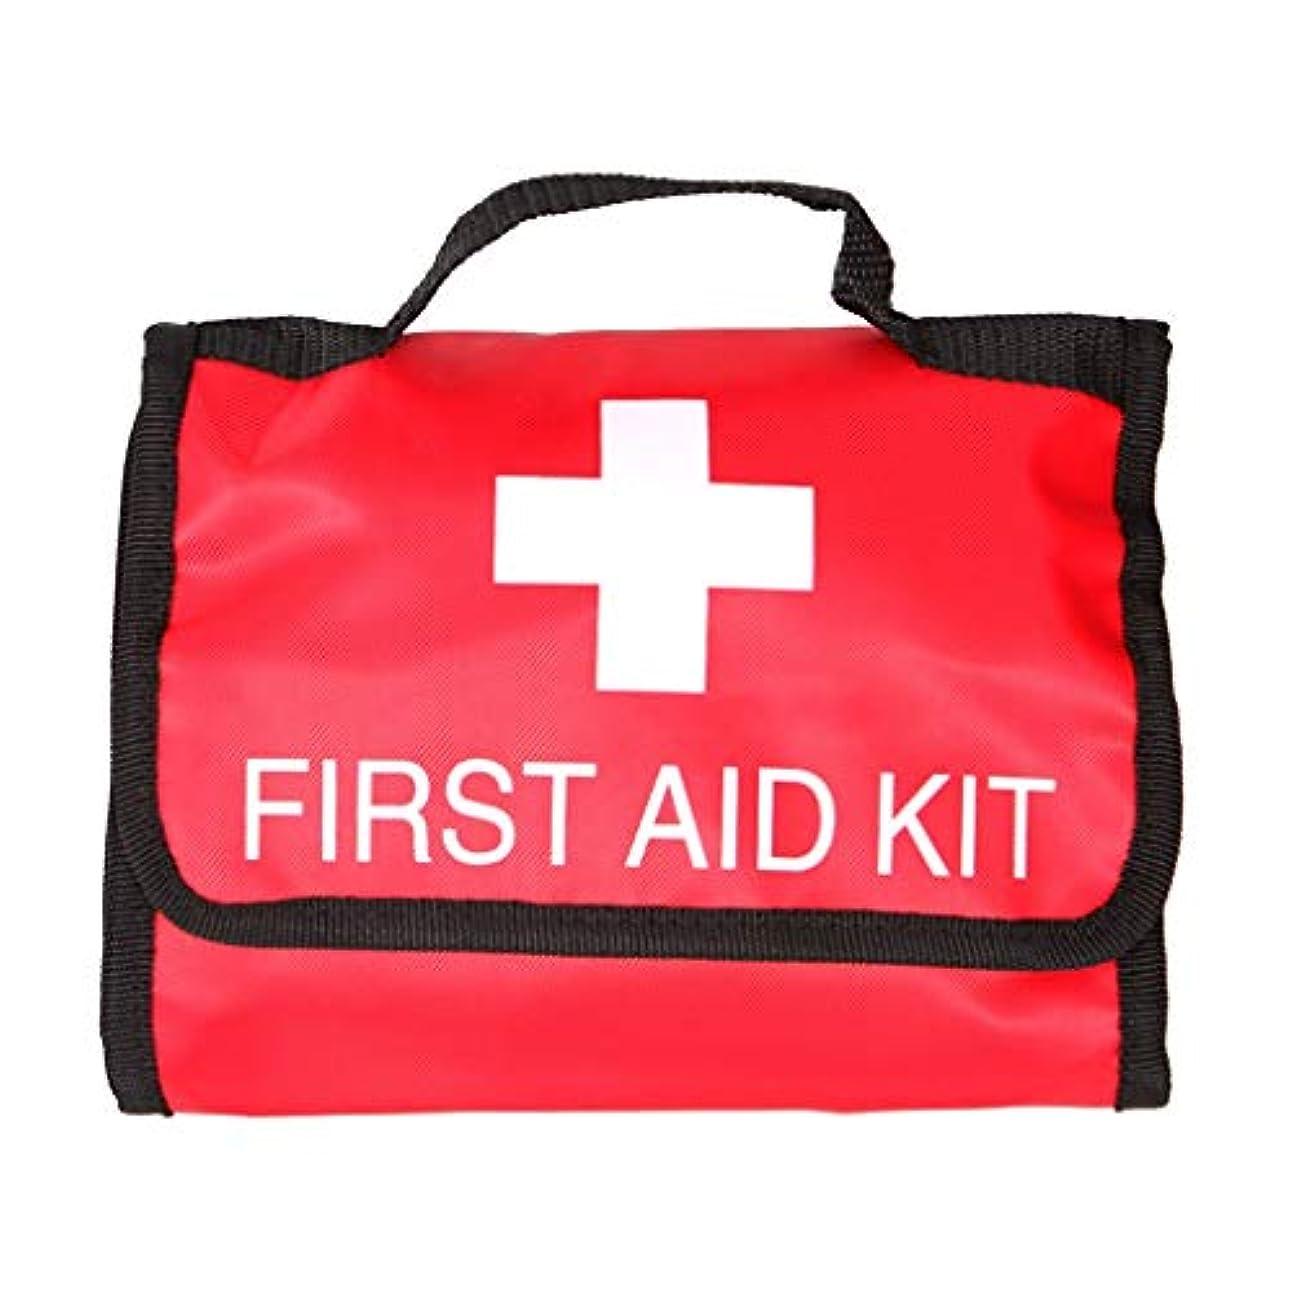 反発なめる熱意XKJPShop 救急箱 屋外サバイバル応急処置キット医療バッグ、救助機器旅行キット、ホーム医療バッグ車の応急処置バッグ 応急処置ケース、家庭、職場、学校 (Color : Red)